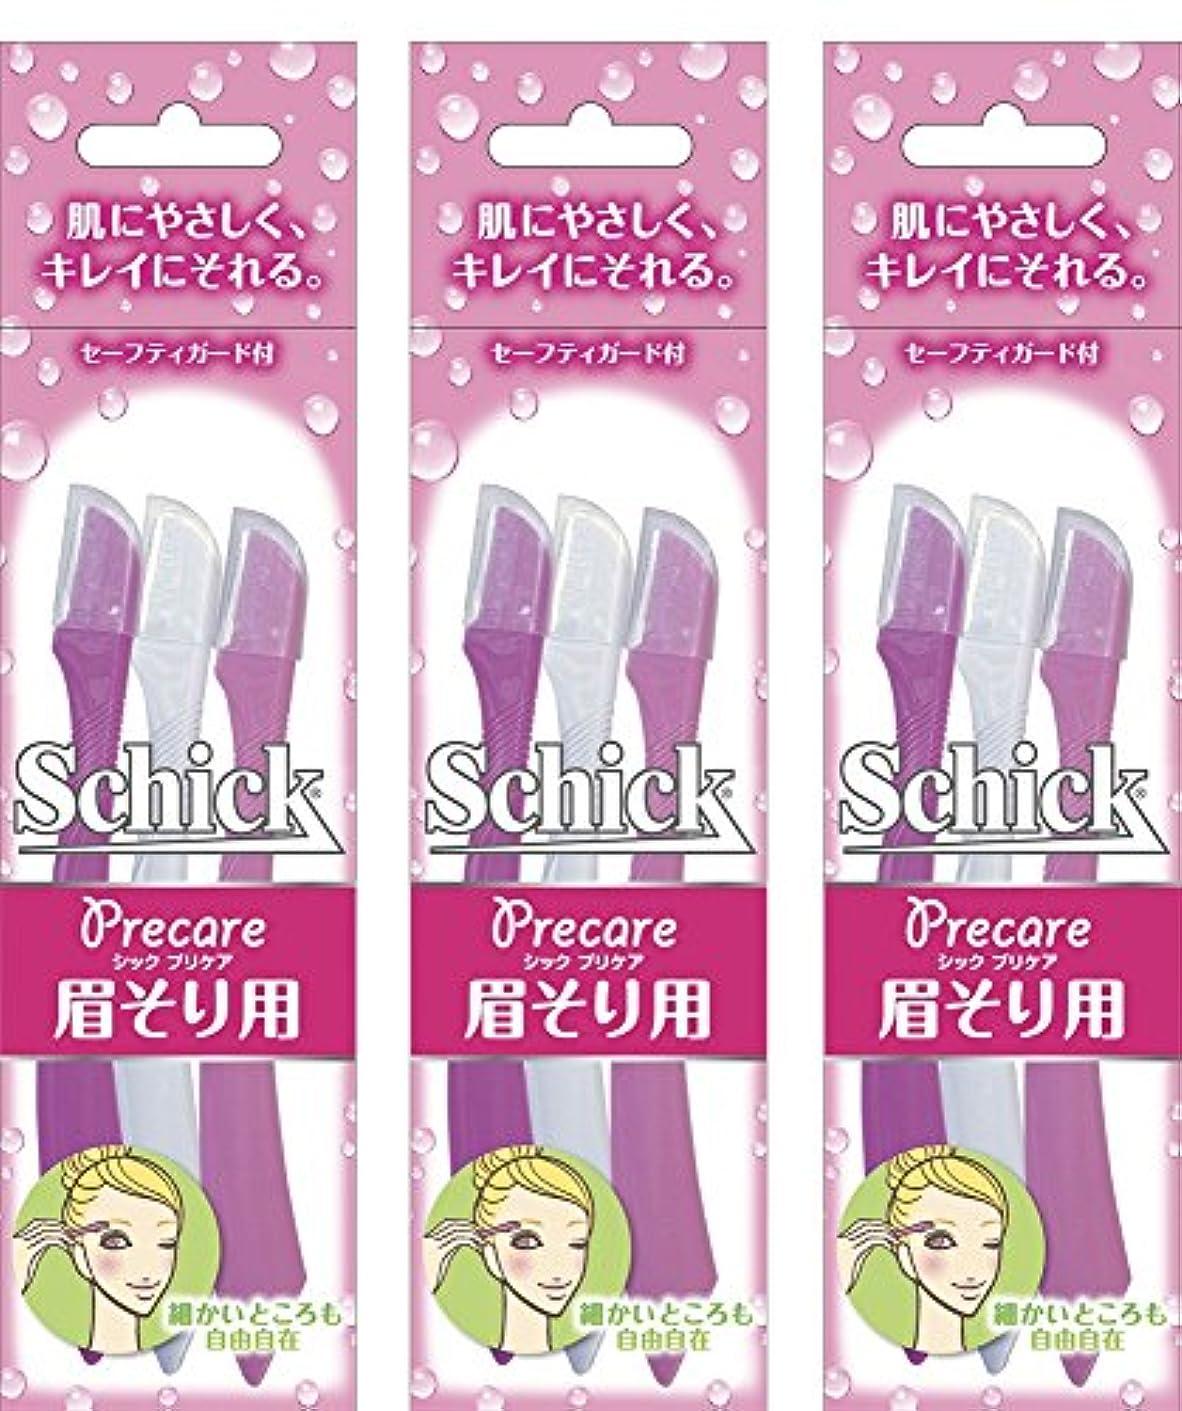 レッスン収束する韓国シック Schick Lディスポ 使い捨て 眉そり用 (3本入)×3個 セーフィガード付 女性 カミソリ フェイス